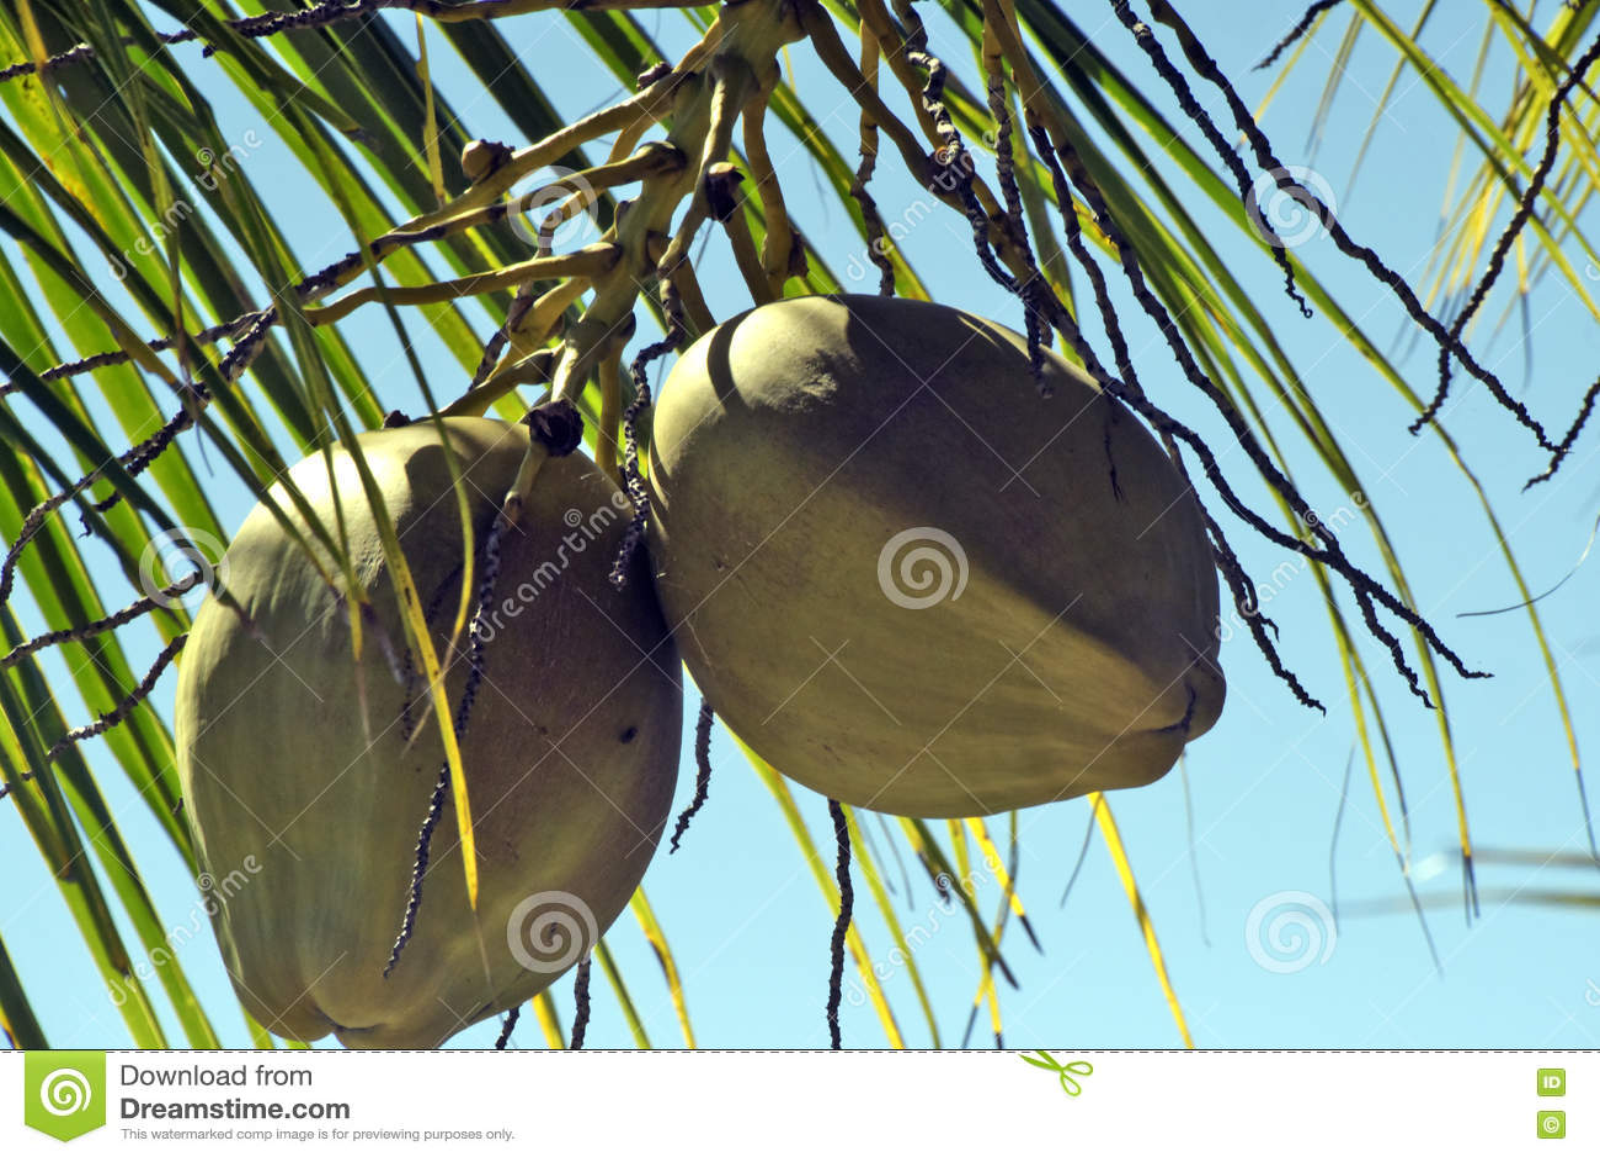 Кокос от Бахи неполовозрелой в дереве